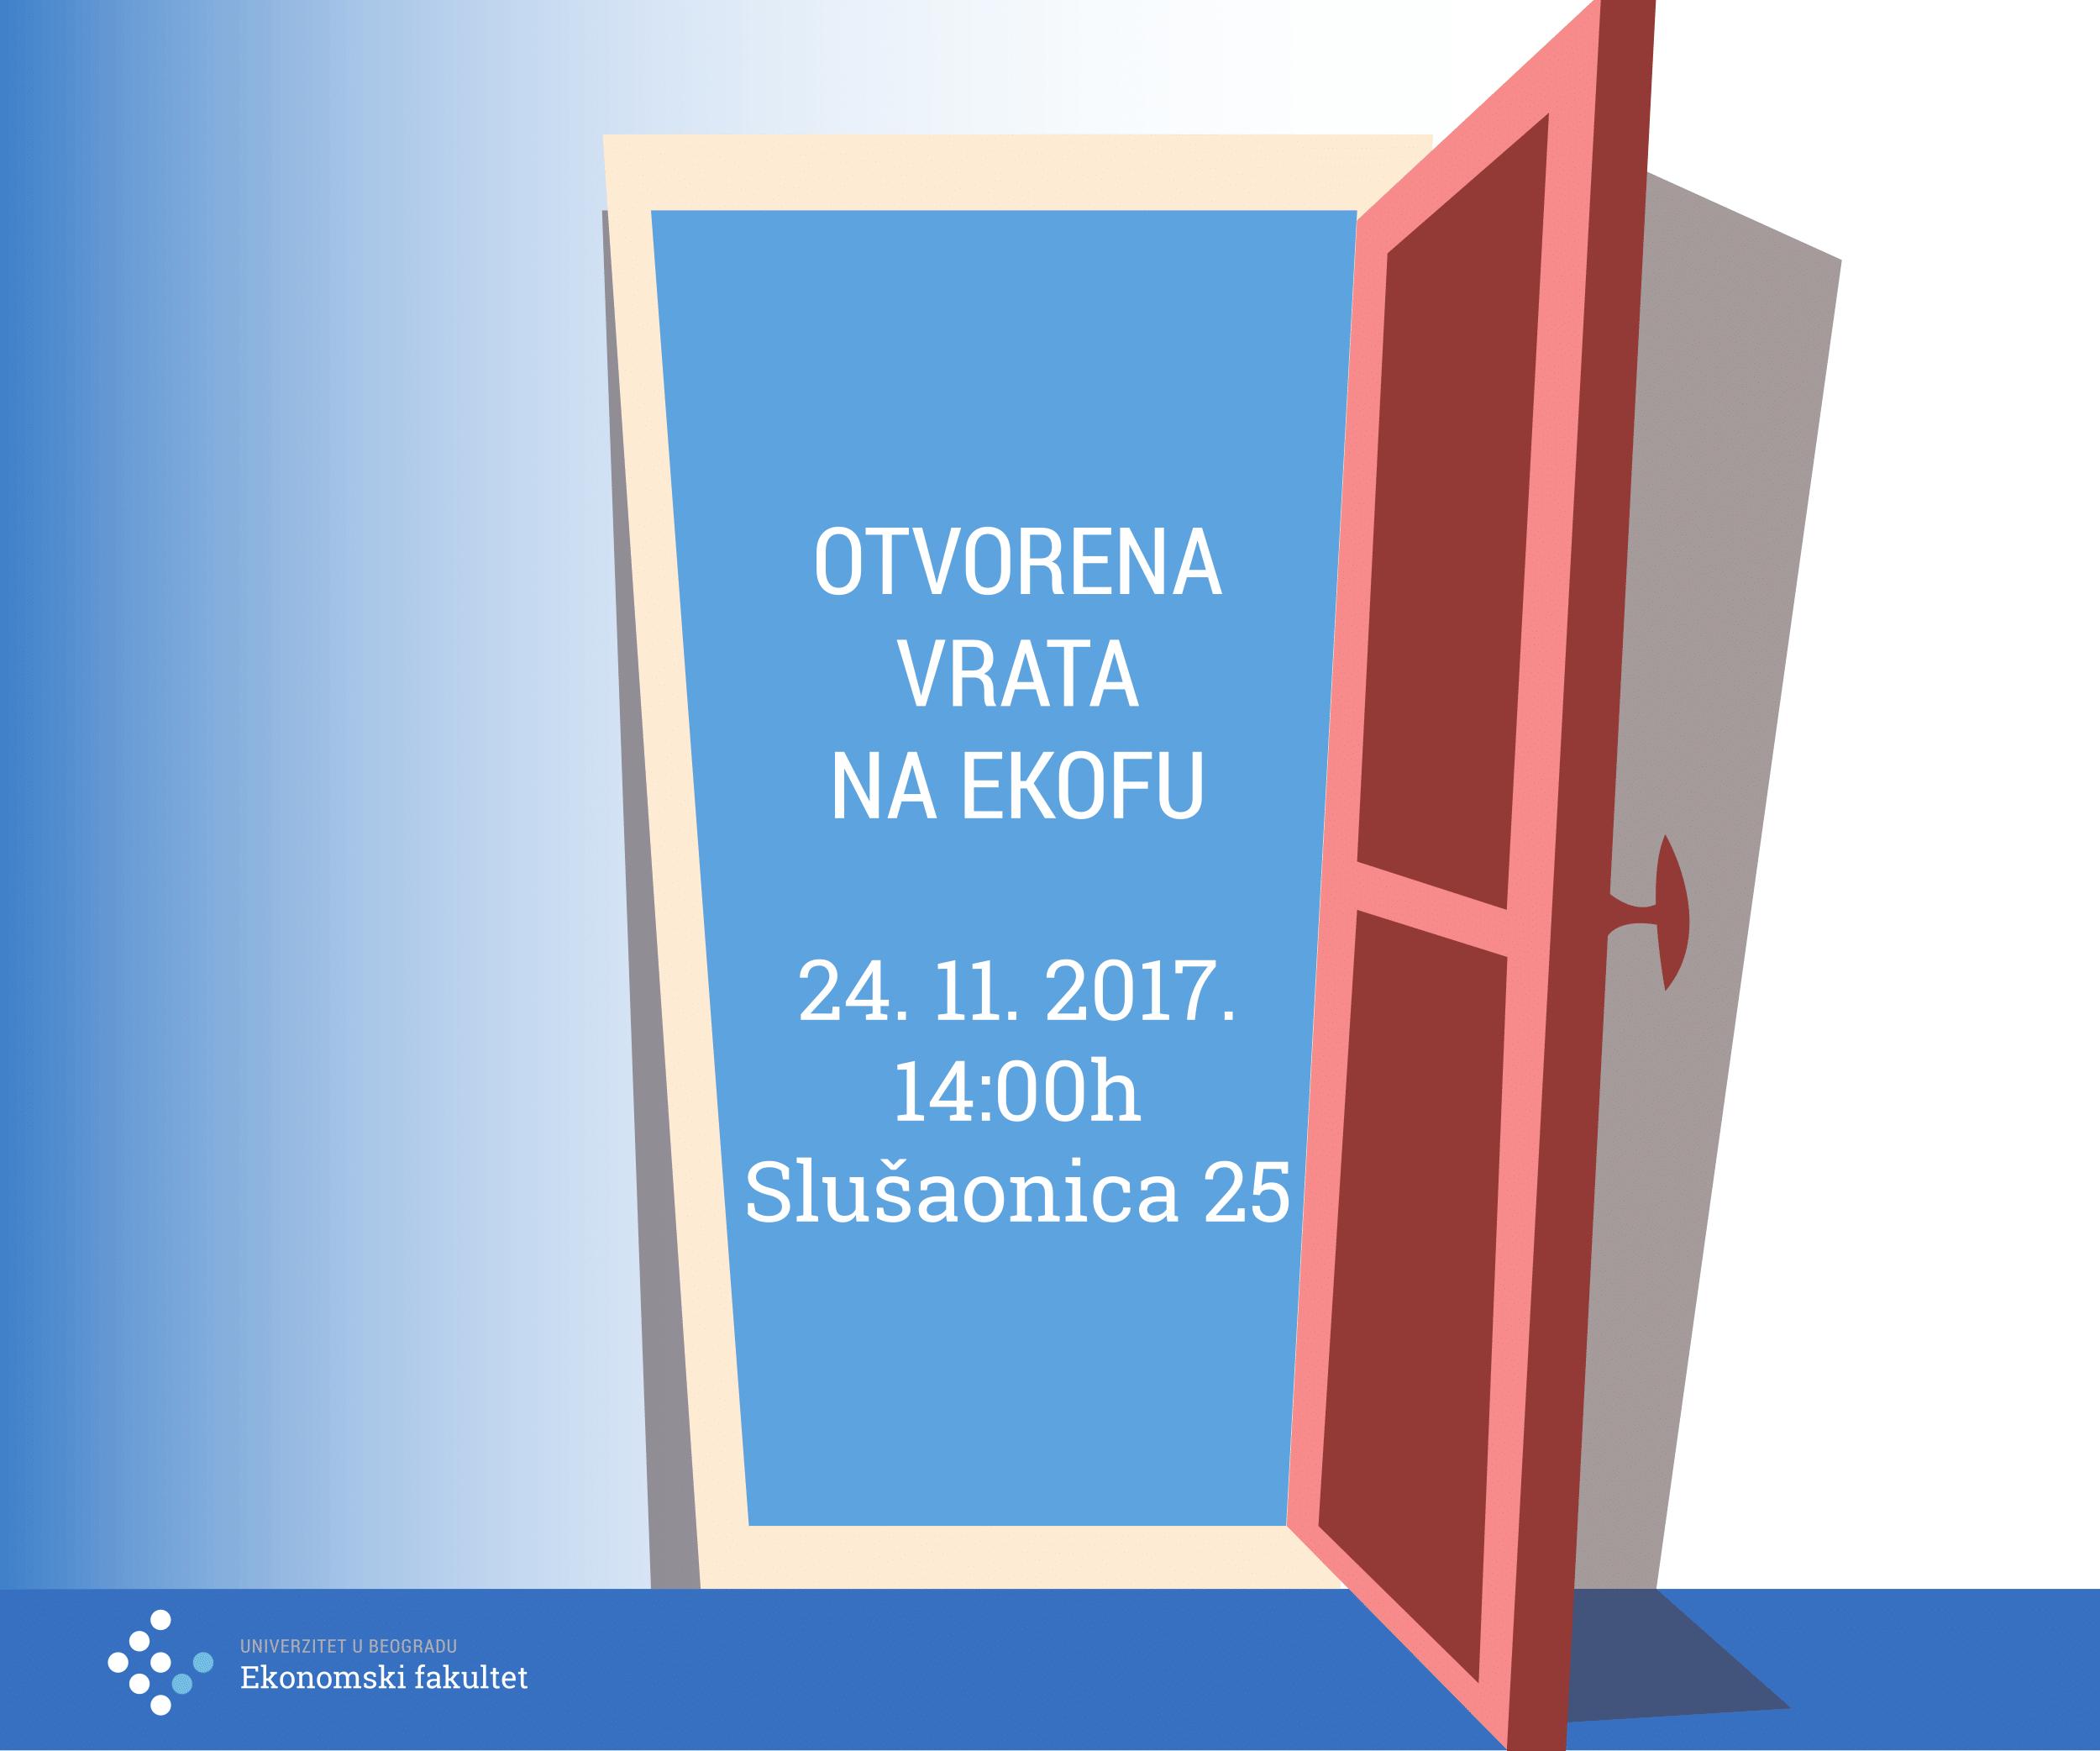 Otvorena vrata 24.11.-1